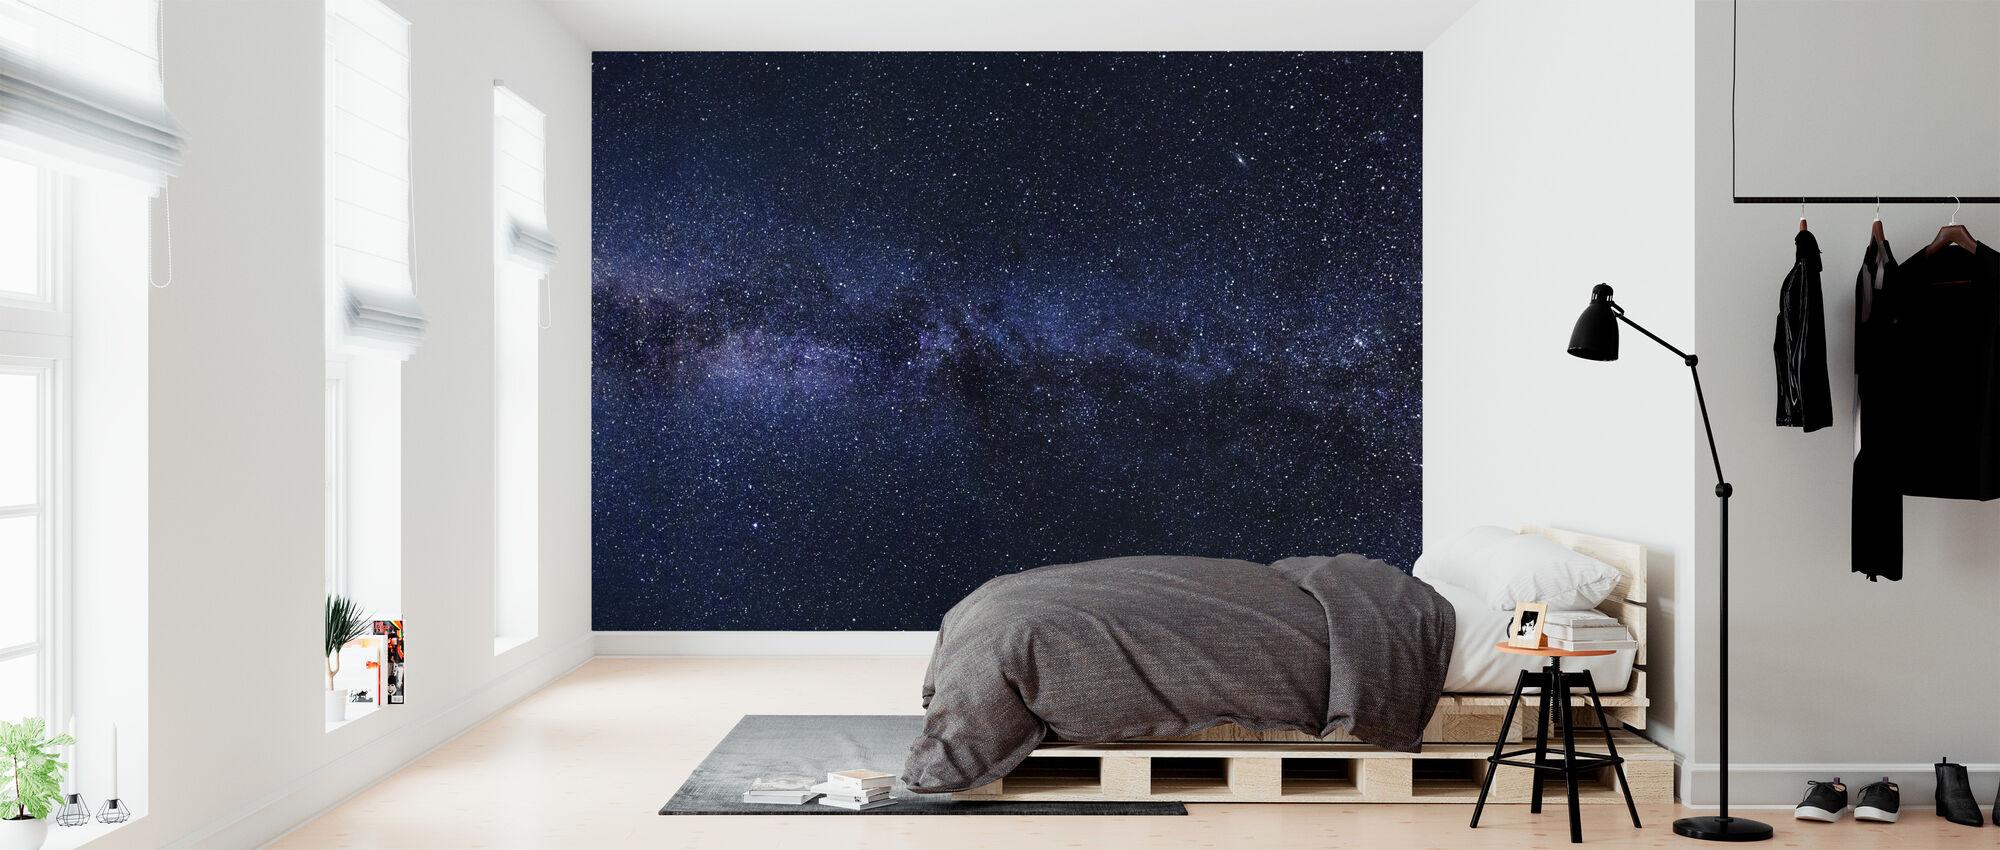 Mystical Starry Sky - Wallpaper - Bedroom